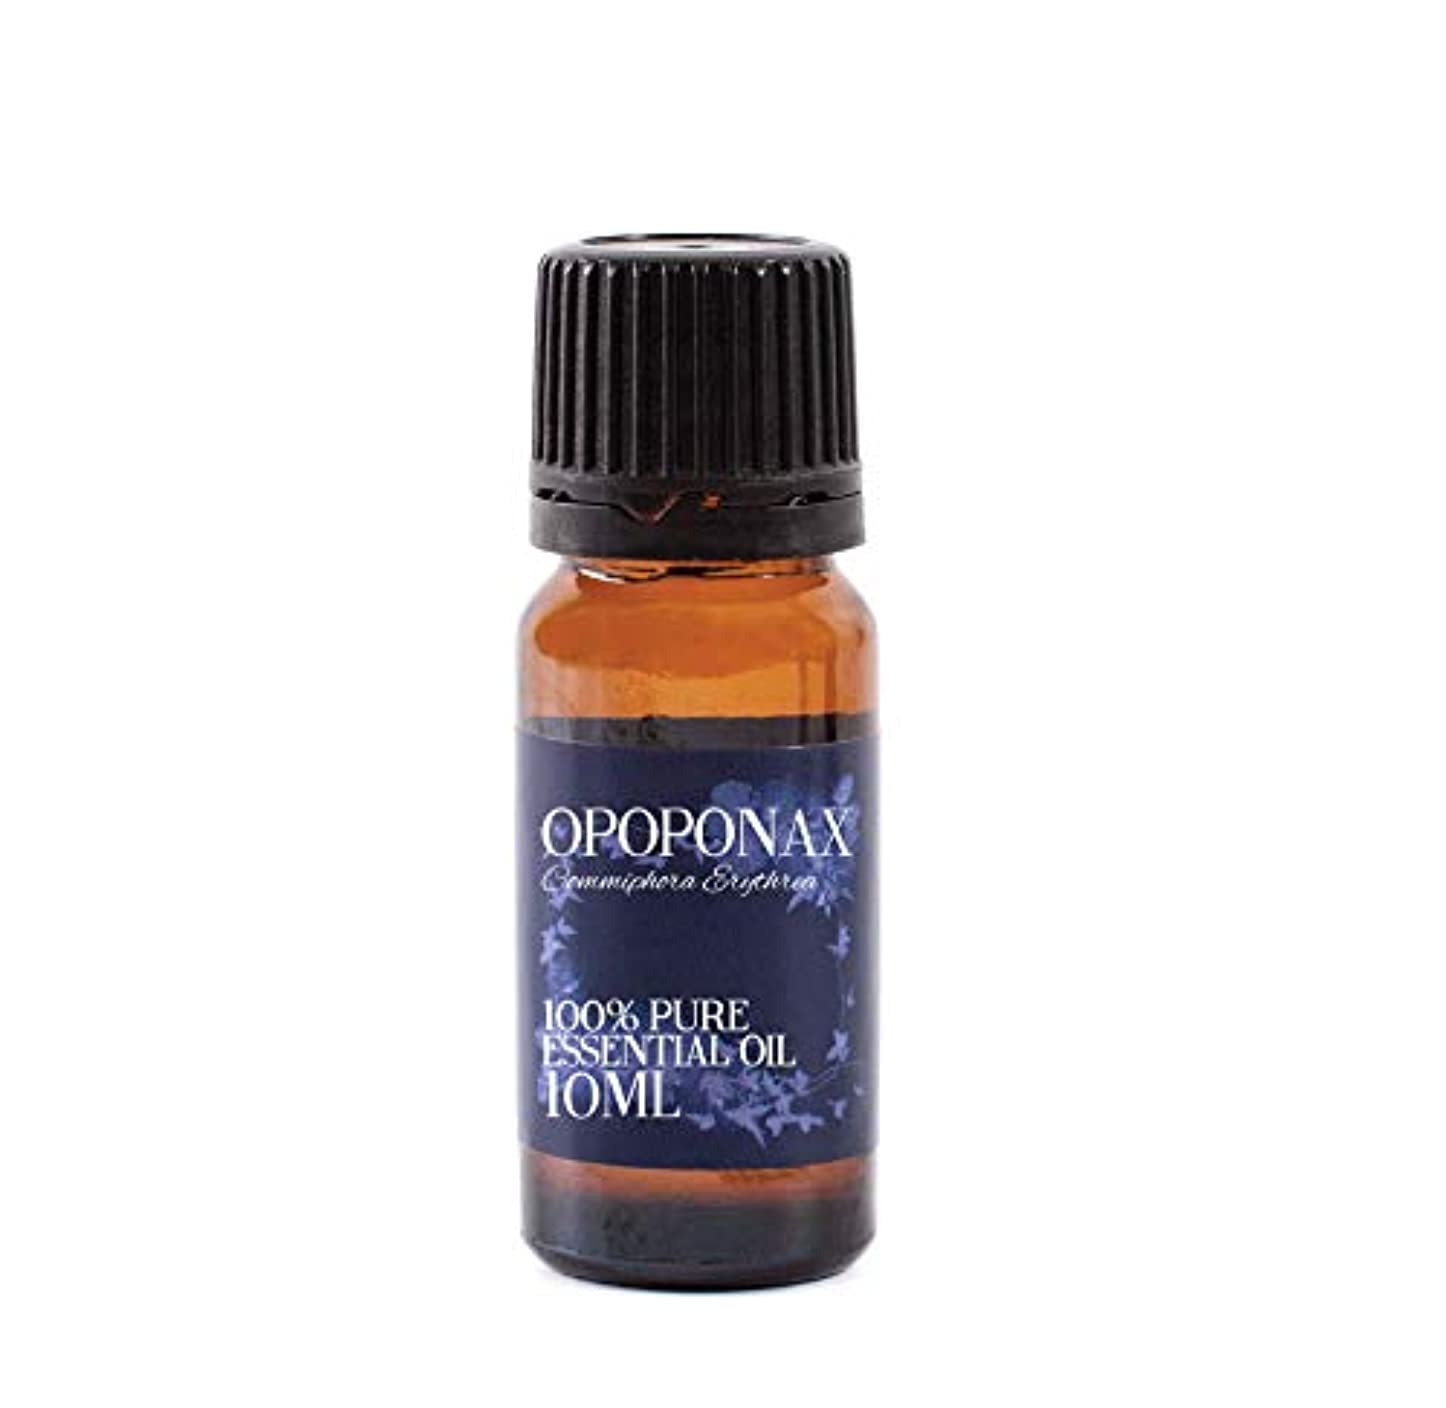 架空のノイズ食い違いMystic Moments | Opoponax Essential Oil - 10ml - 100% Pure